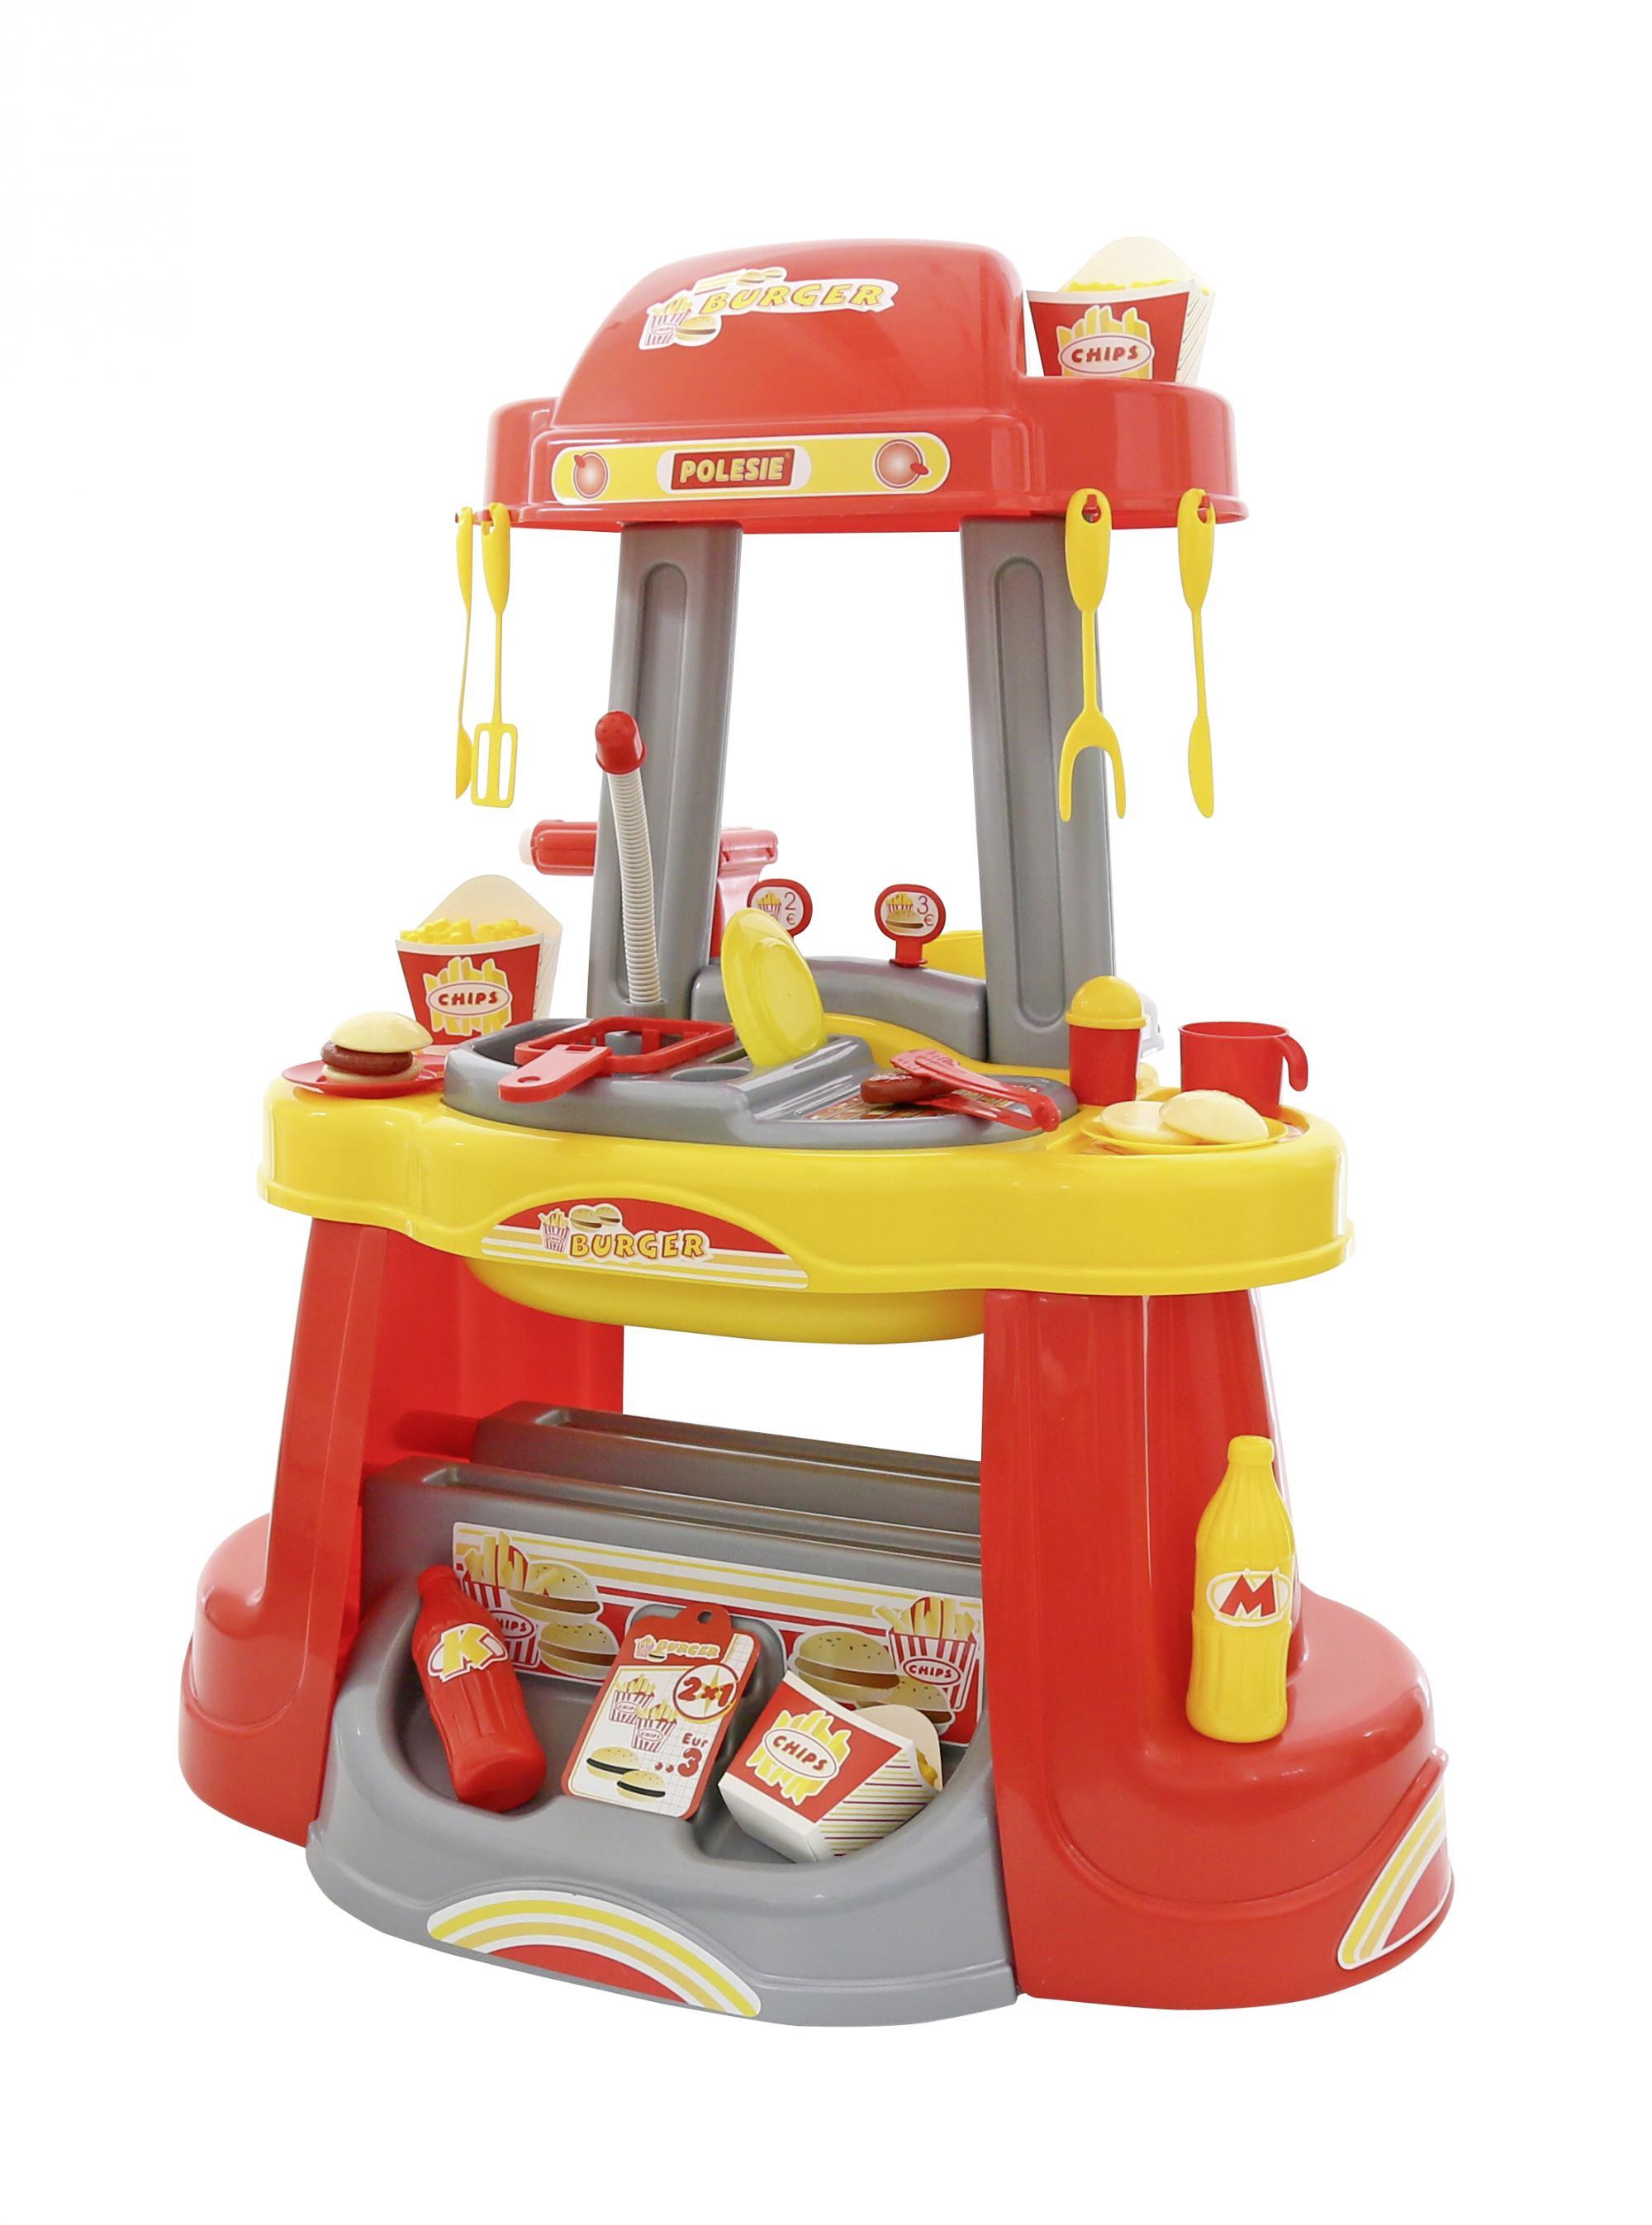 Игровой набор Бистро с аксессуарамиДетская игрушка Касса. Магазин. Супермаркет<br>Игровой набор Бистро с аксессуарами<br>